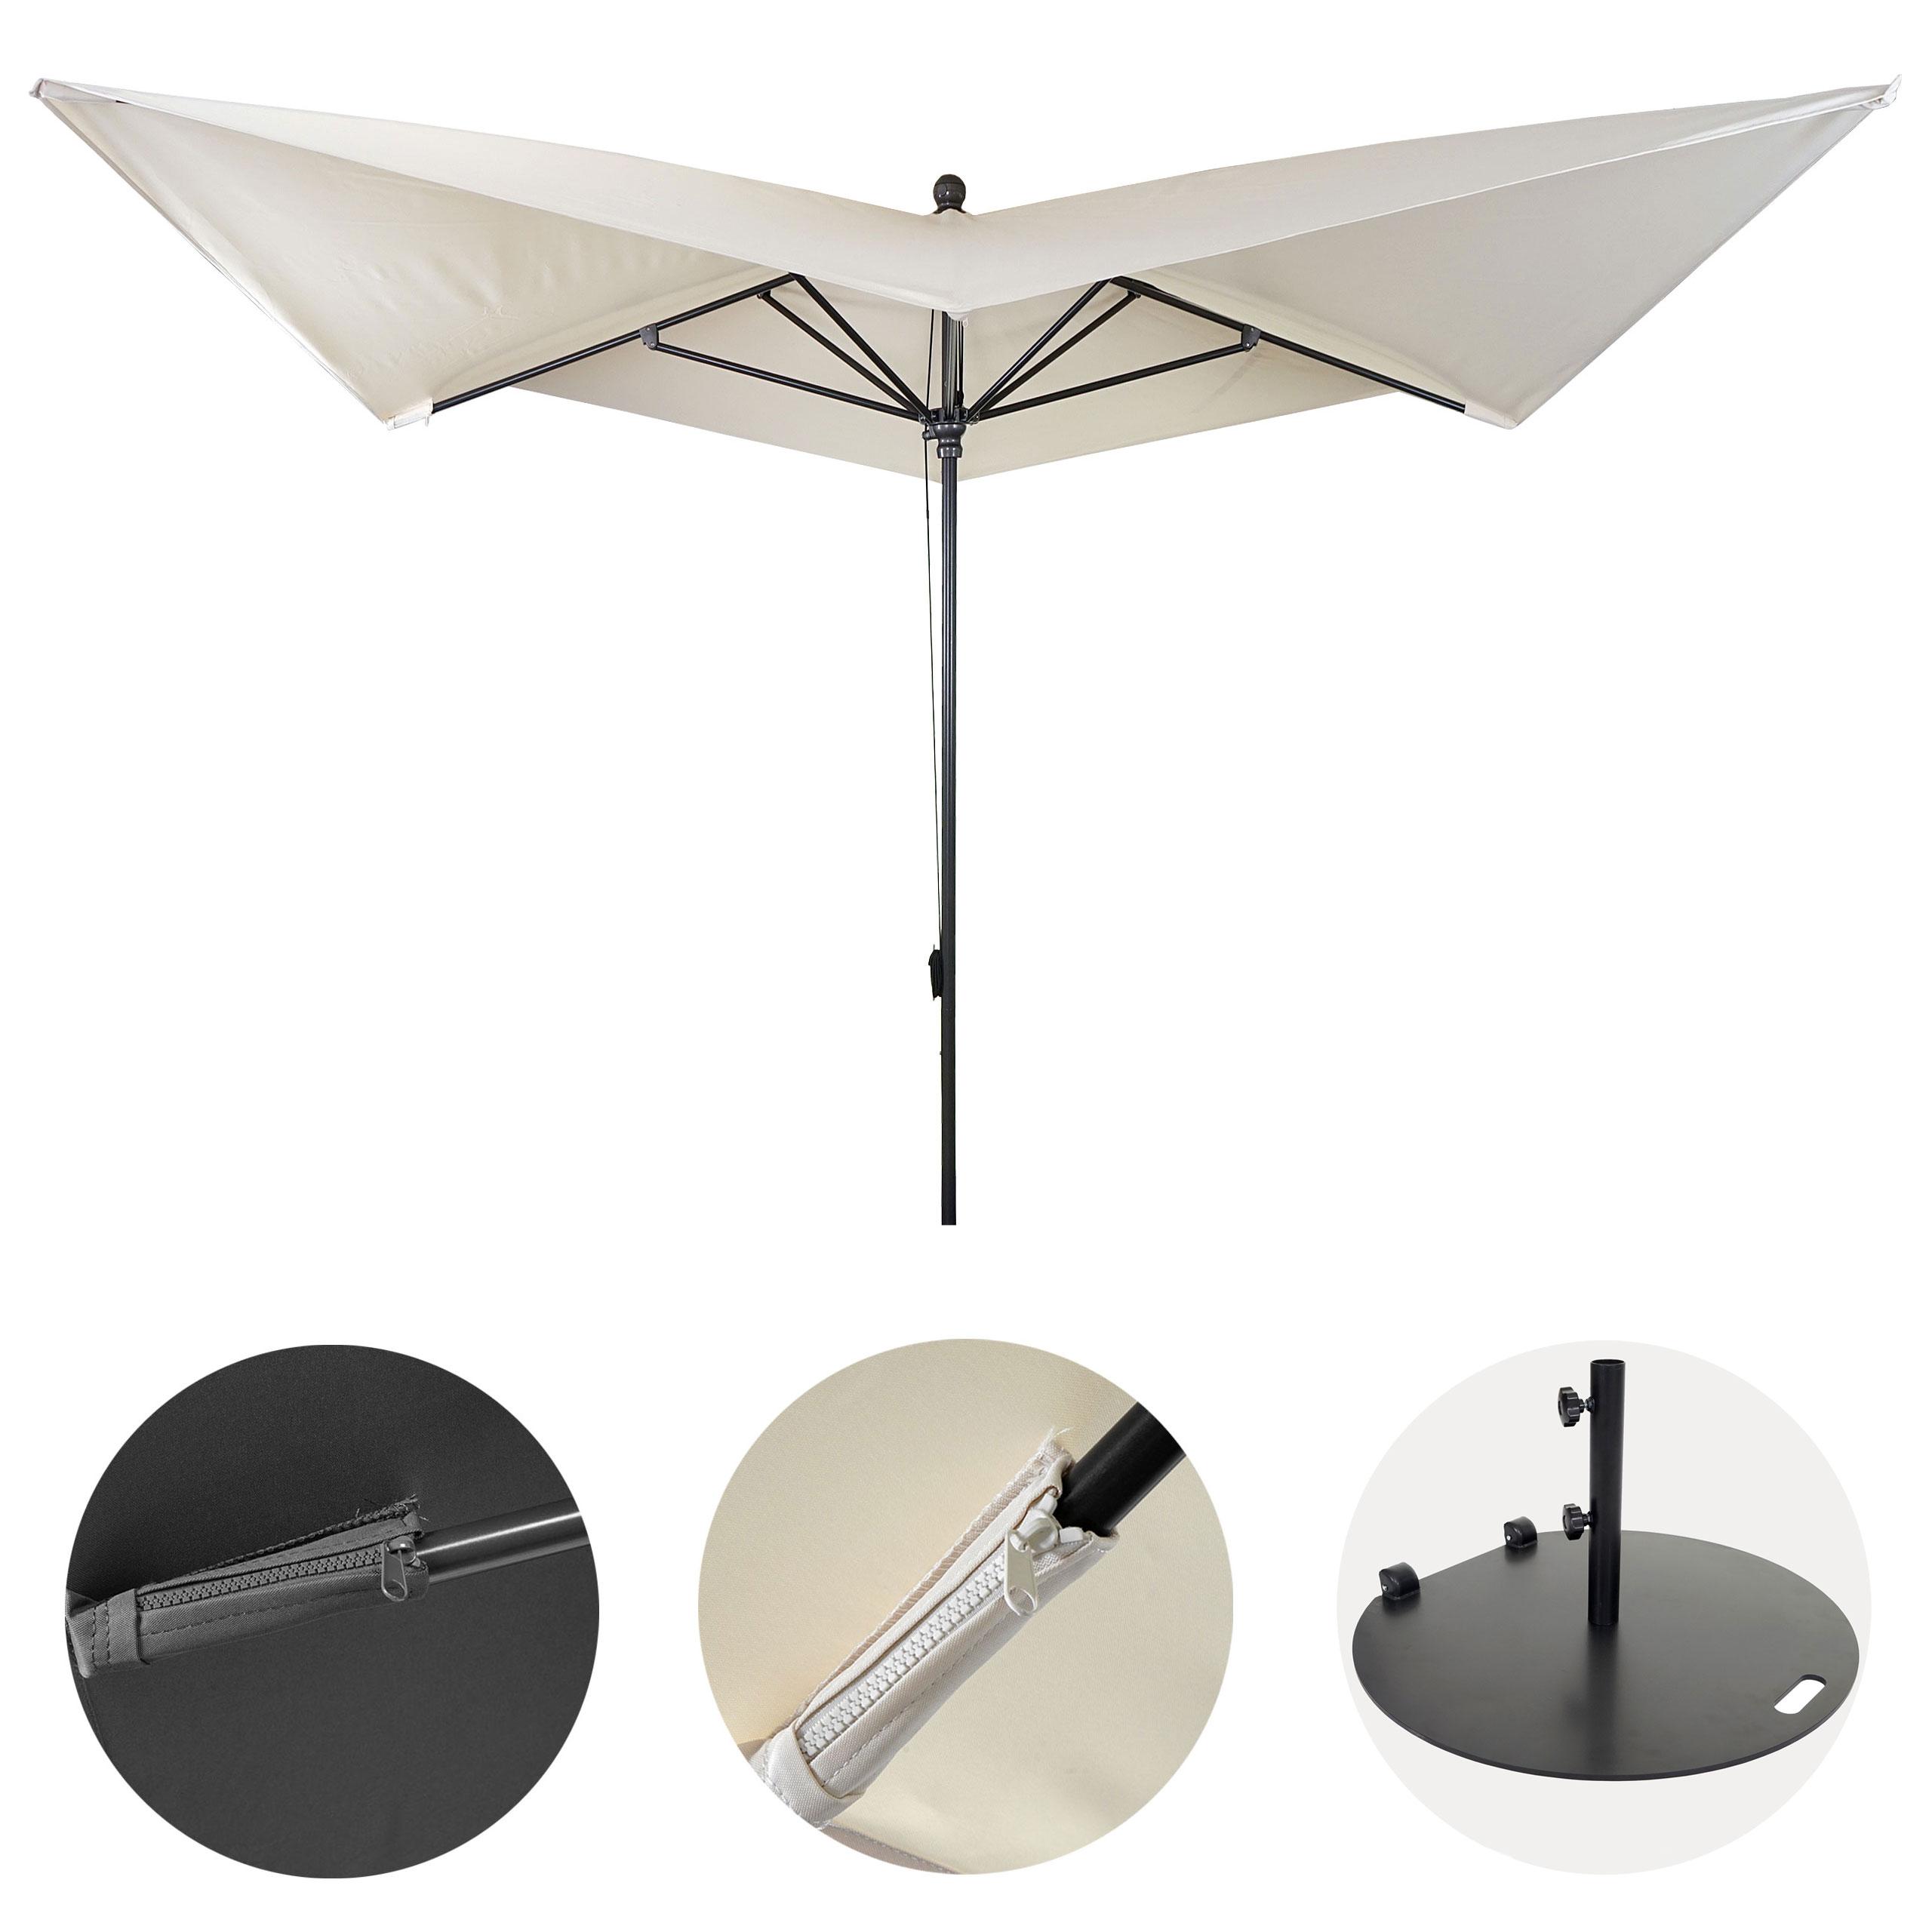 Mendler Luxus-Sonnenschirm HWC-A37, Marktschirm Gartenschirm, 3x3m (Ř4,24m) Polyester/Alu 10kg ~ Variantenan 59344